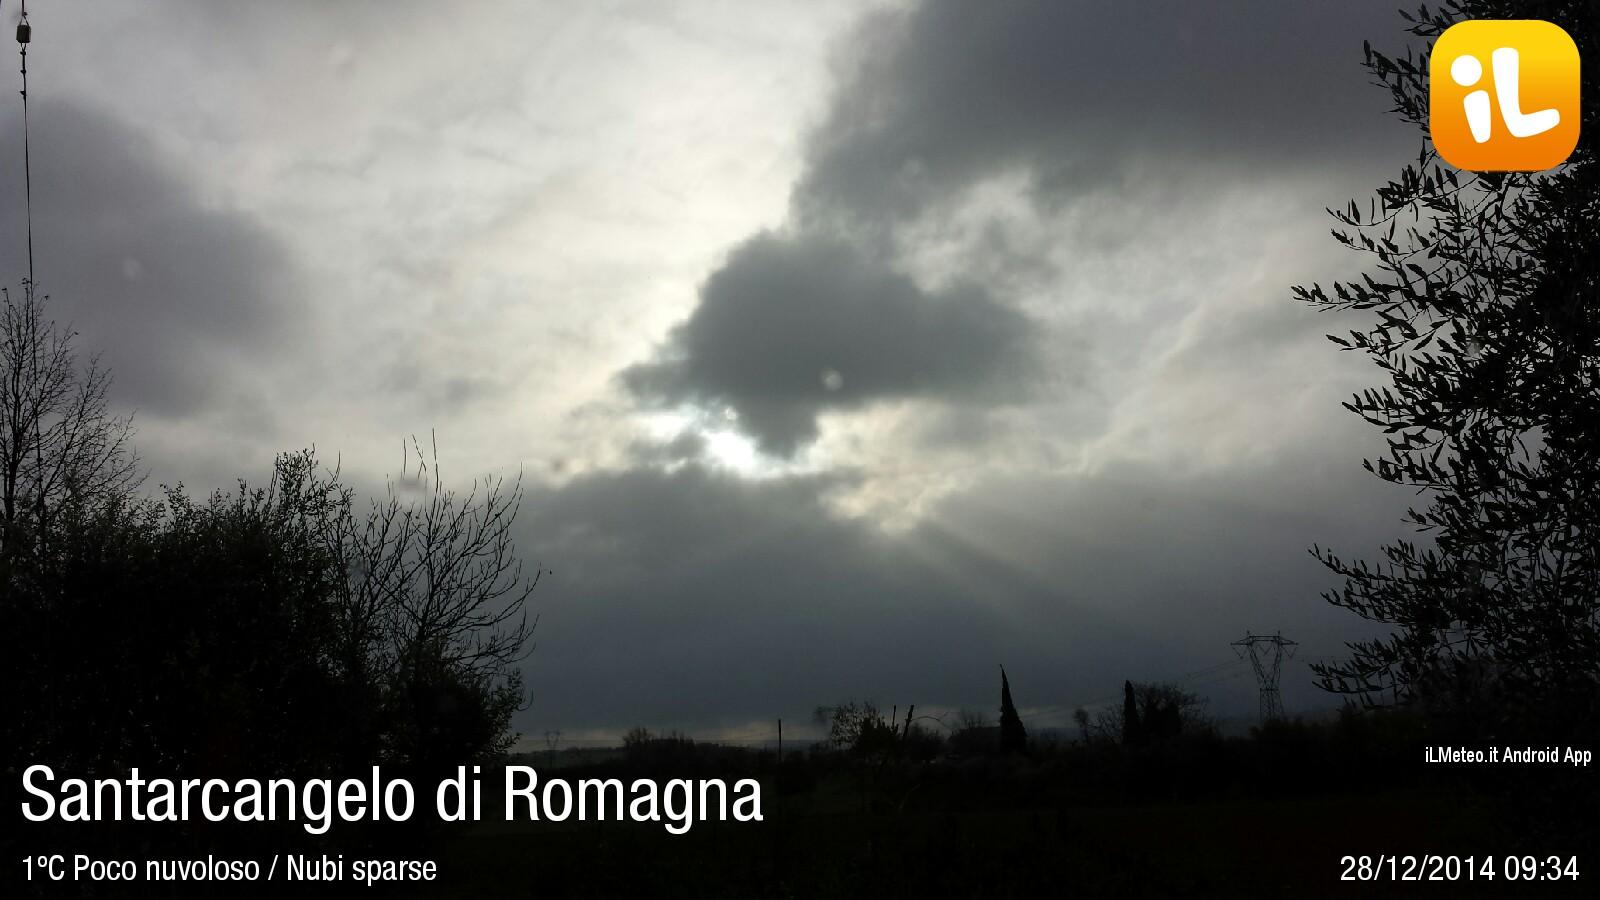 Foto meteo santarcangelo di romagna santarcangelo di - Il meteo bagno di romagna ...